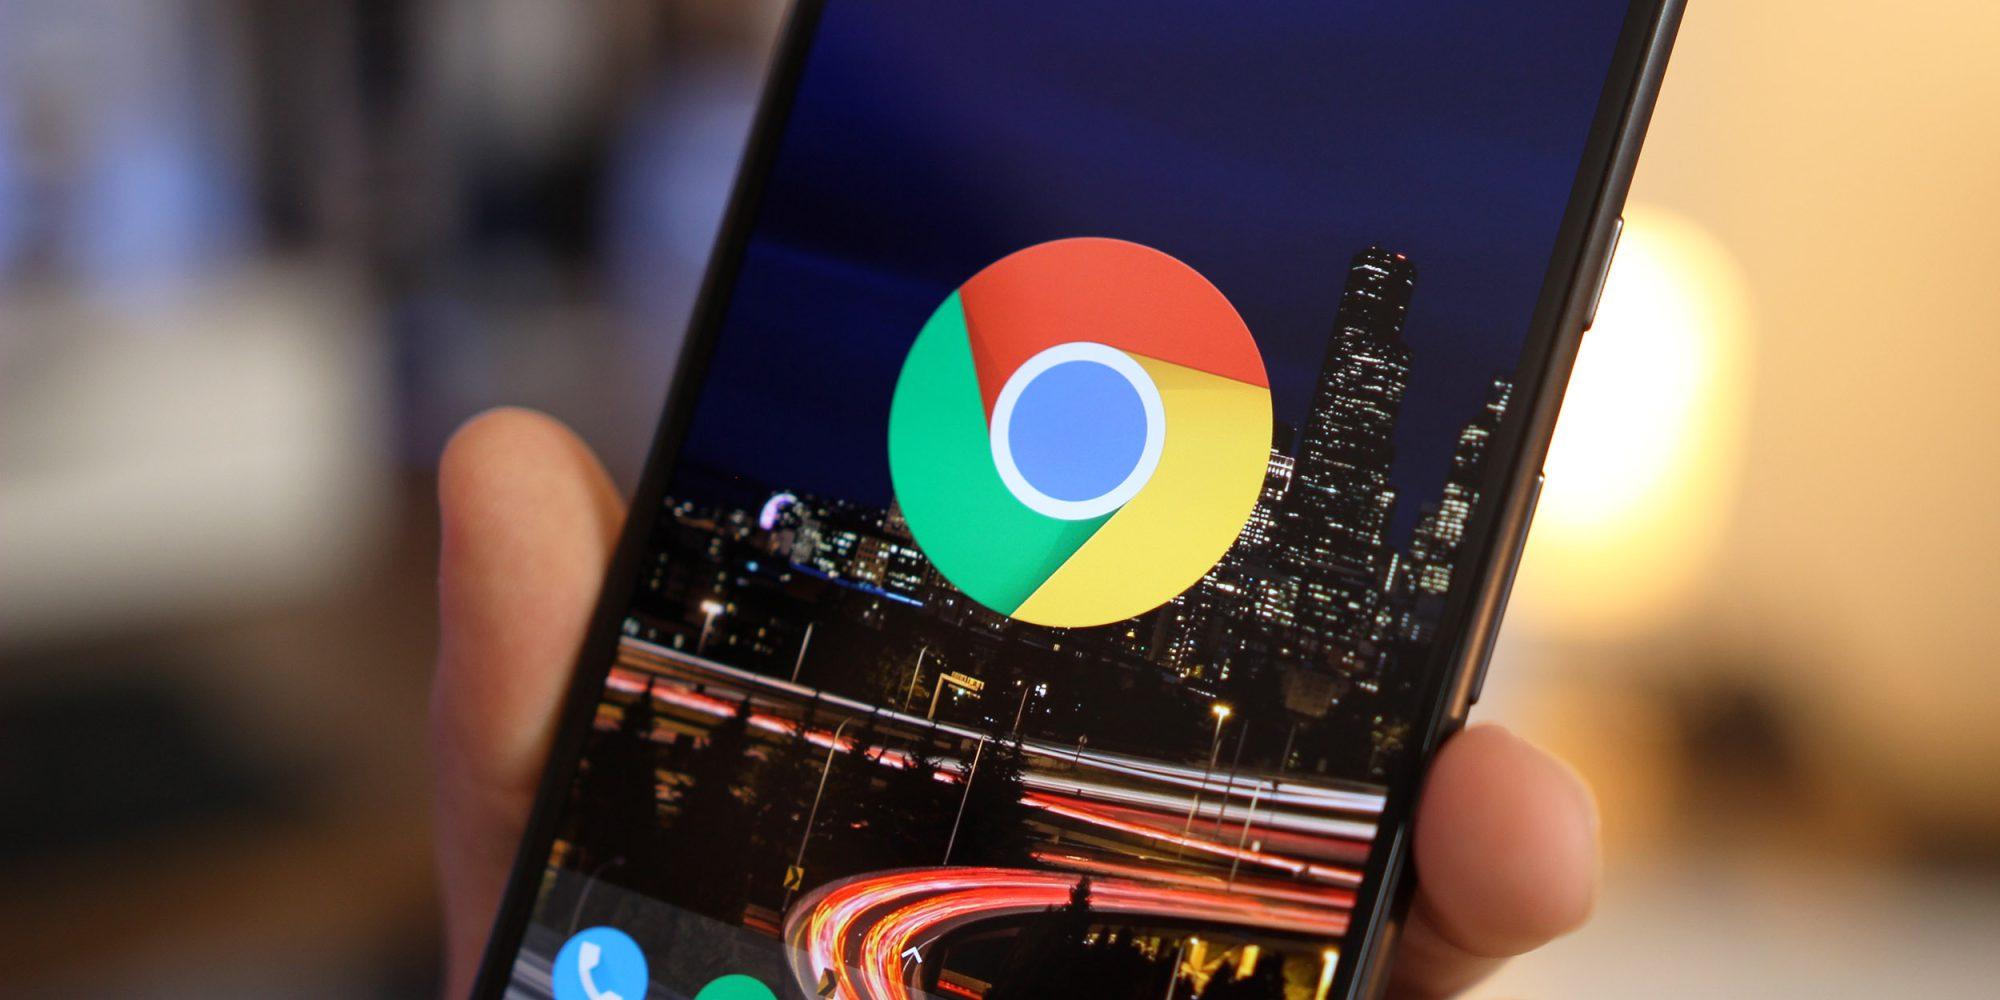 Chrome Beta ve verzi 61 nabídne jednodušší sdílení a novinky pro vývojáře